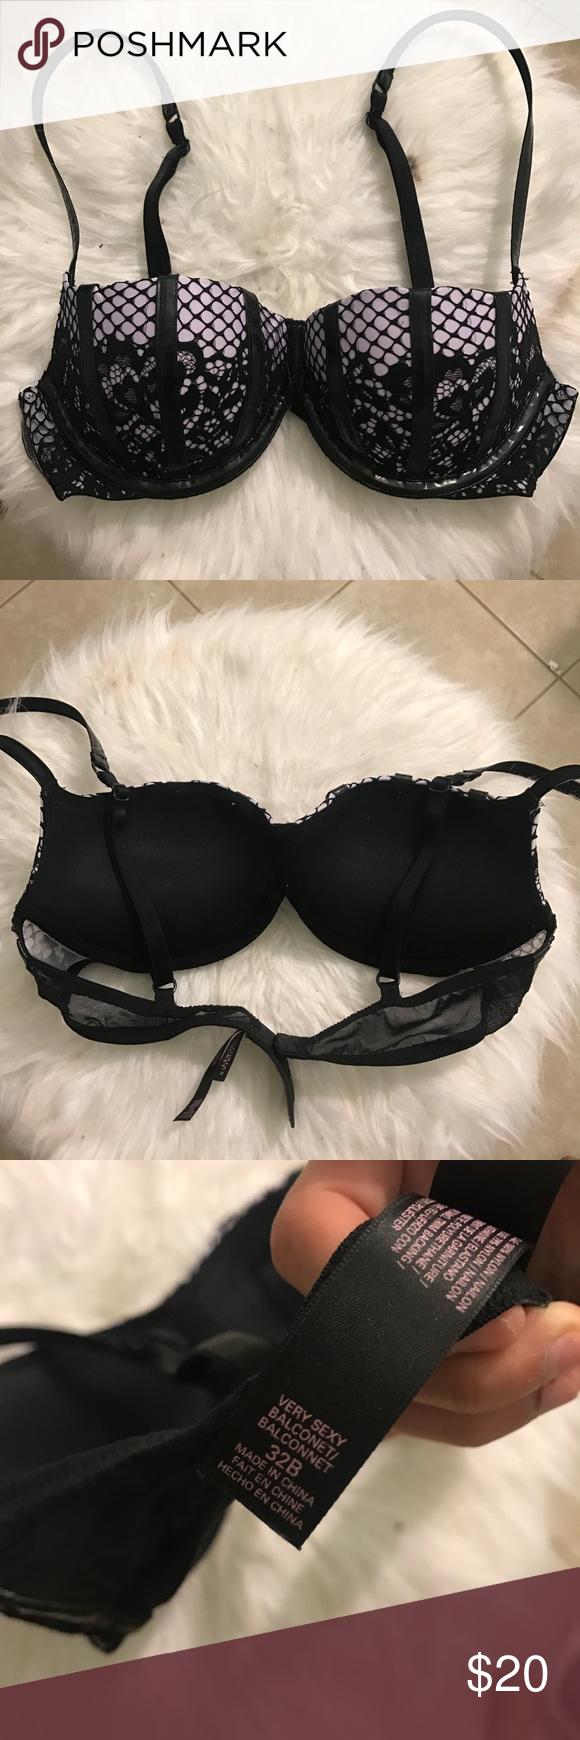 0359c49438 sexy balconette bra by victoria s secret. amazing condition